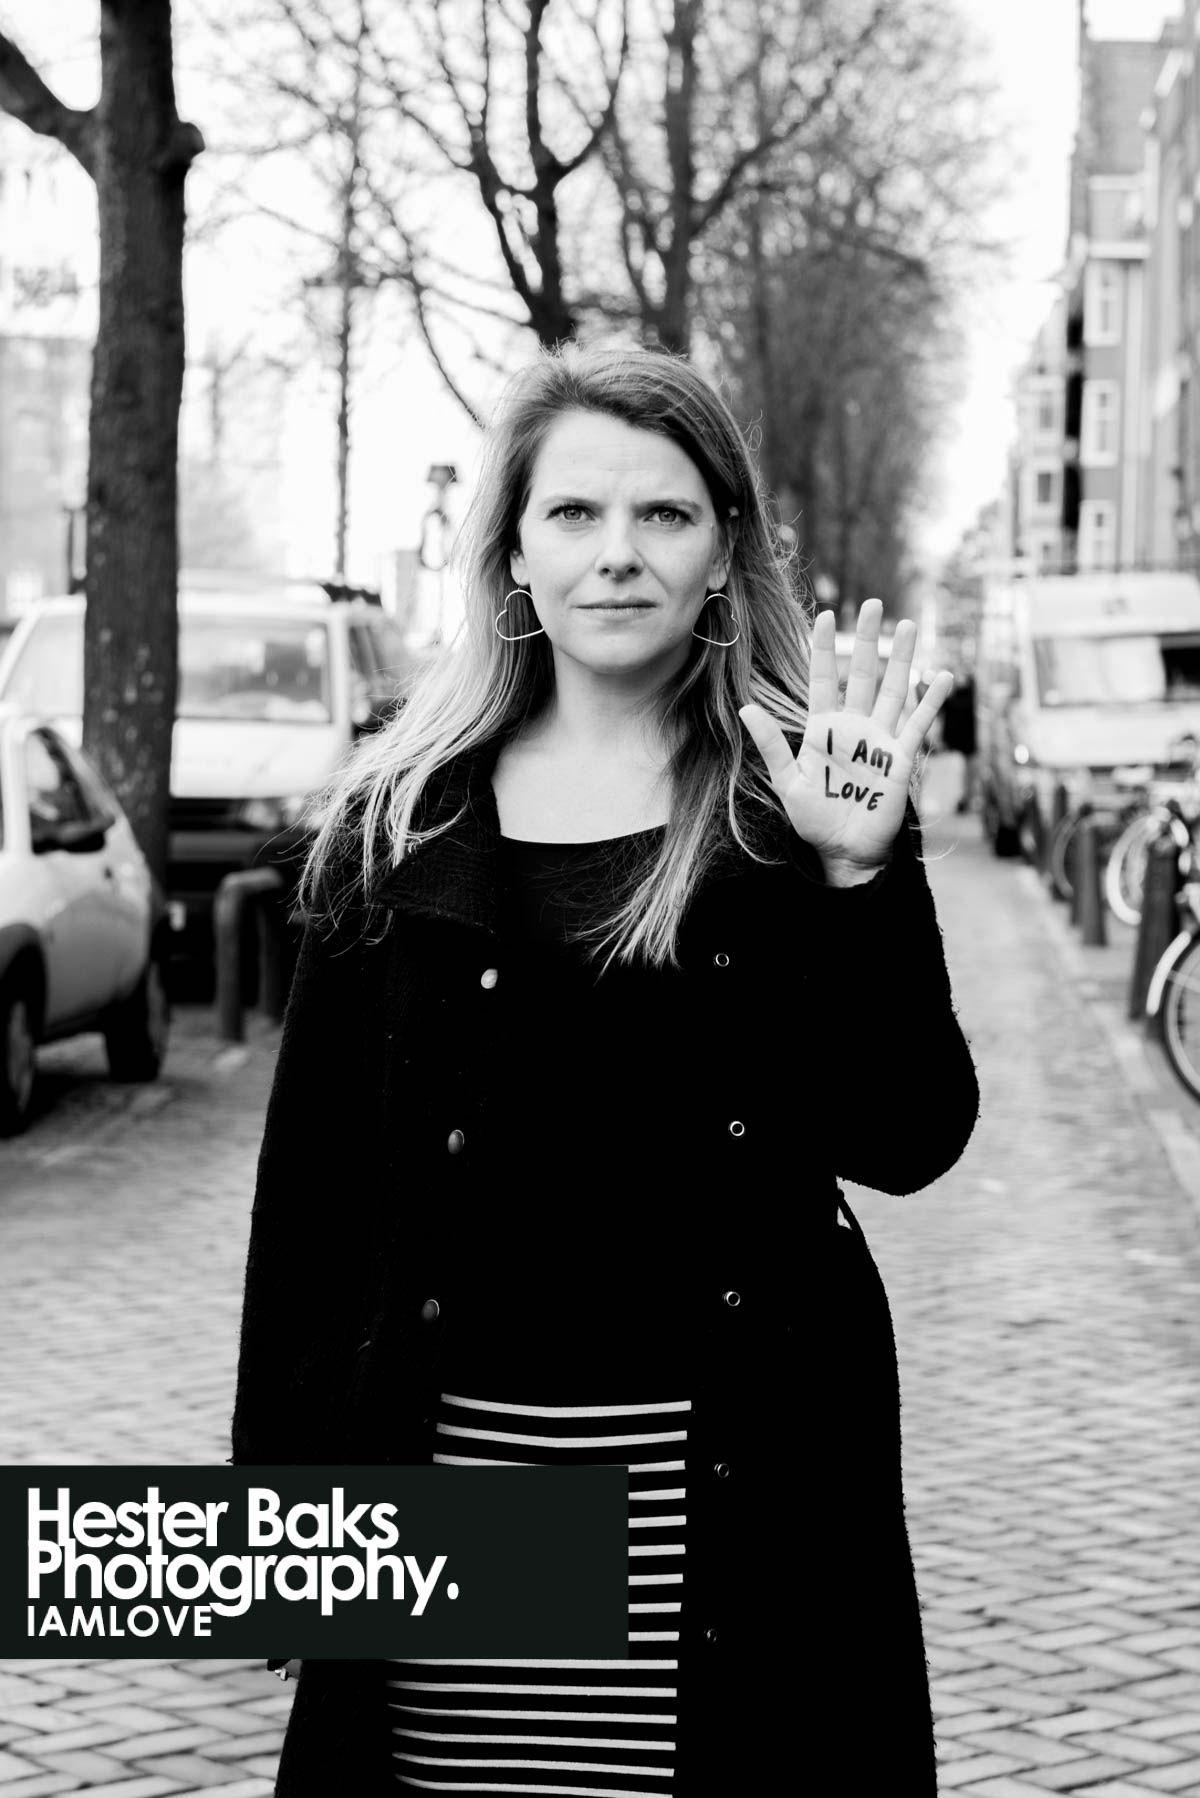 Pin 2: Helene Bakker heeft meerdere boeken geschreven voor Uitgeverij Eenvoudig Communiceren, vooral voor de reeks BoekenBoeien. Ze schrijft niet moeilijk, maar de onderwerpen waarover zij schrijft zijn niet kinderachtig. BoekenBoeien is een reeks met 20 (korte) boeken die in totaal alle 1600 belangrijke schooltaalwoorden bevatten.